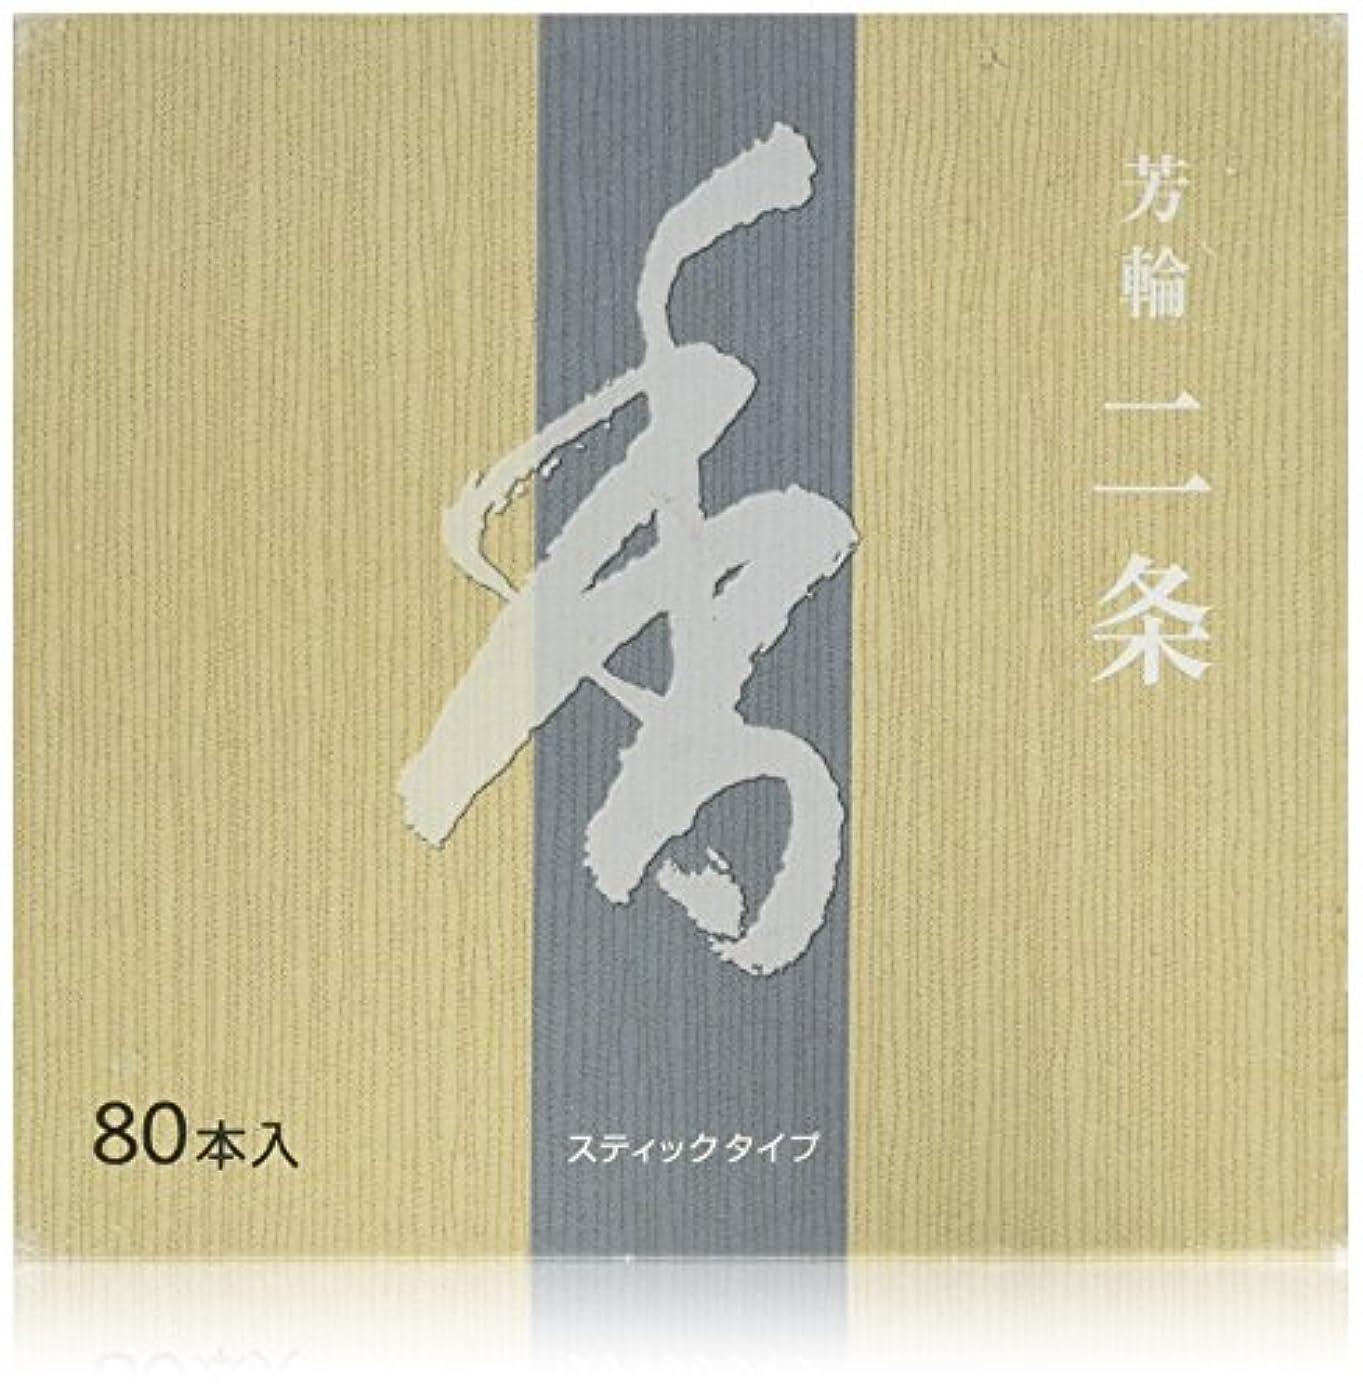 まだ人事ビーム松栄堂のお香 芳輪二条 ST徳用80本入 簡易香立付 #210124